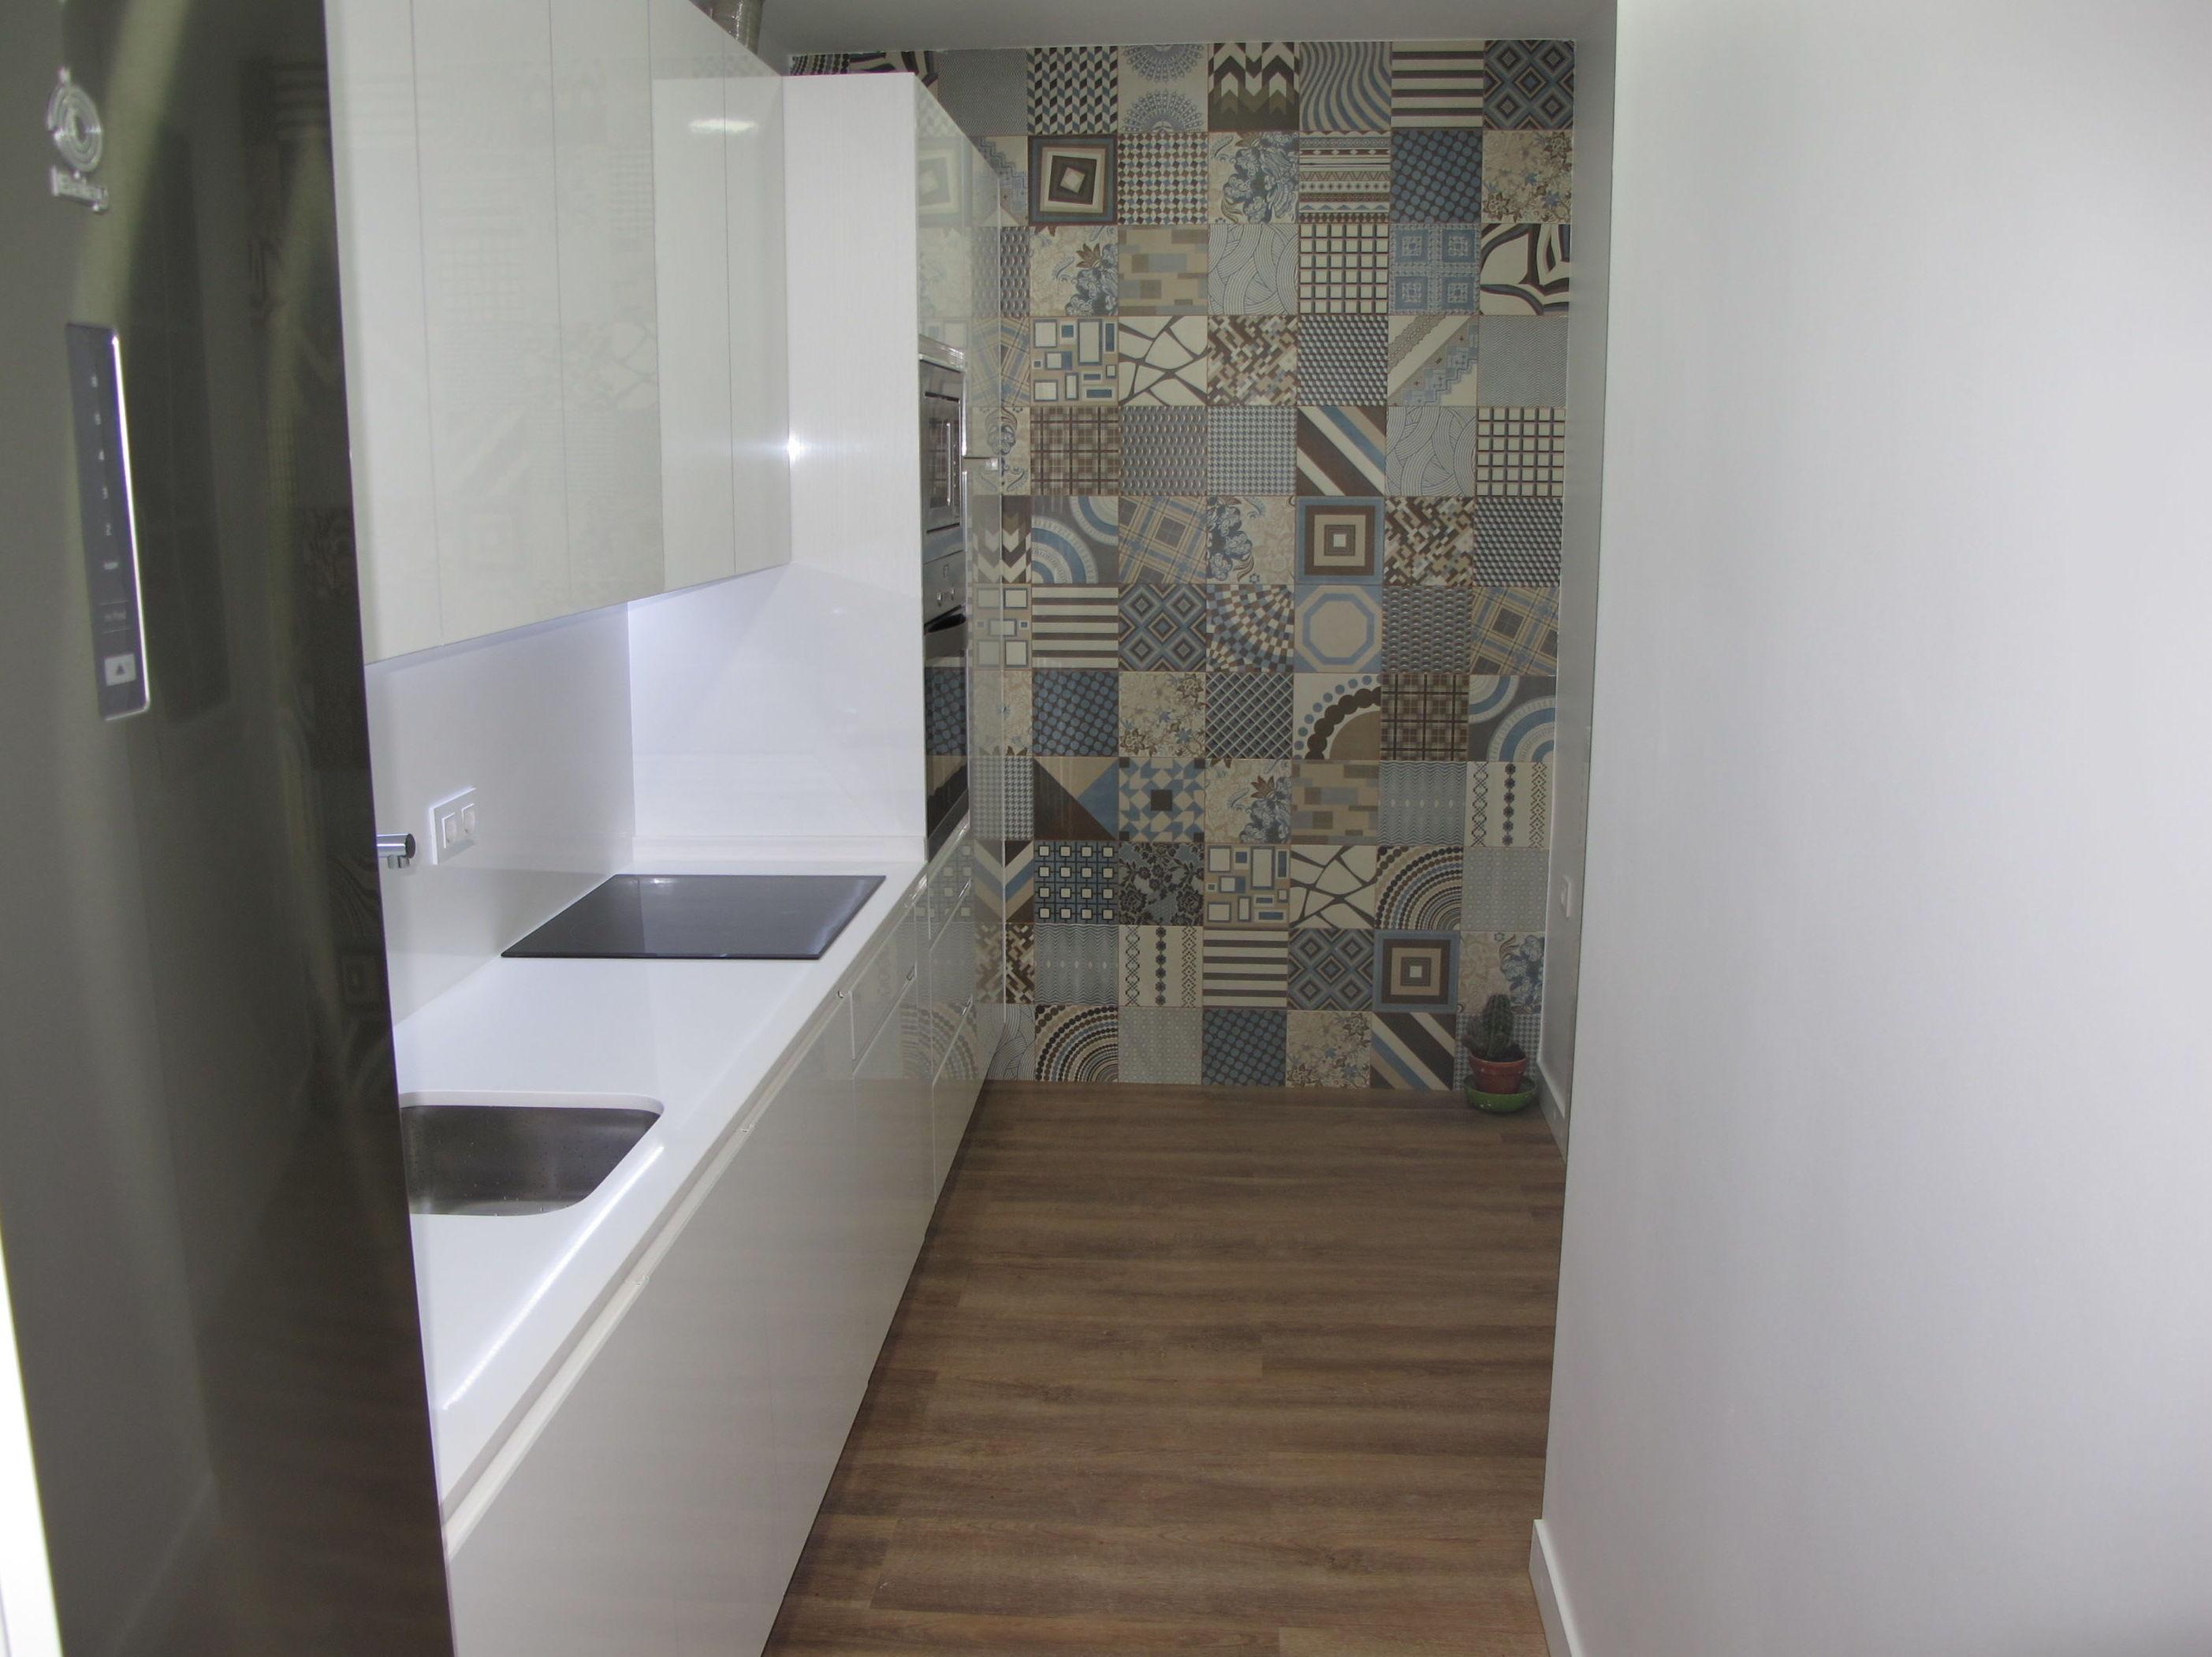 Mueble cocina blanco brillo intenso Luxe pared Vintage